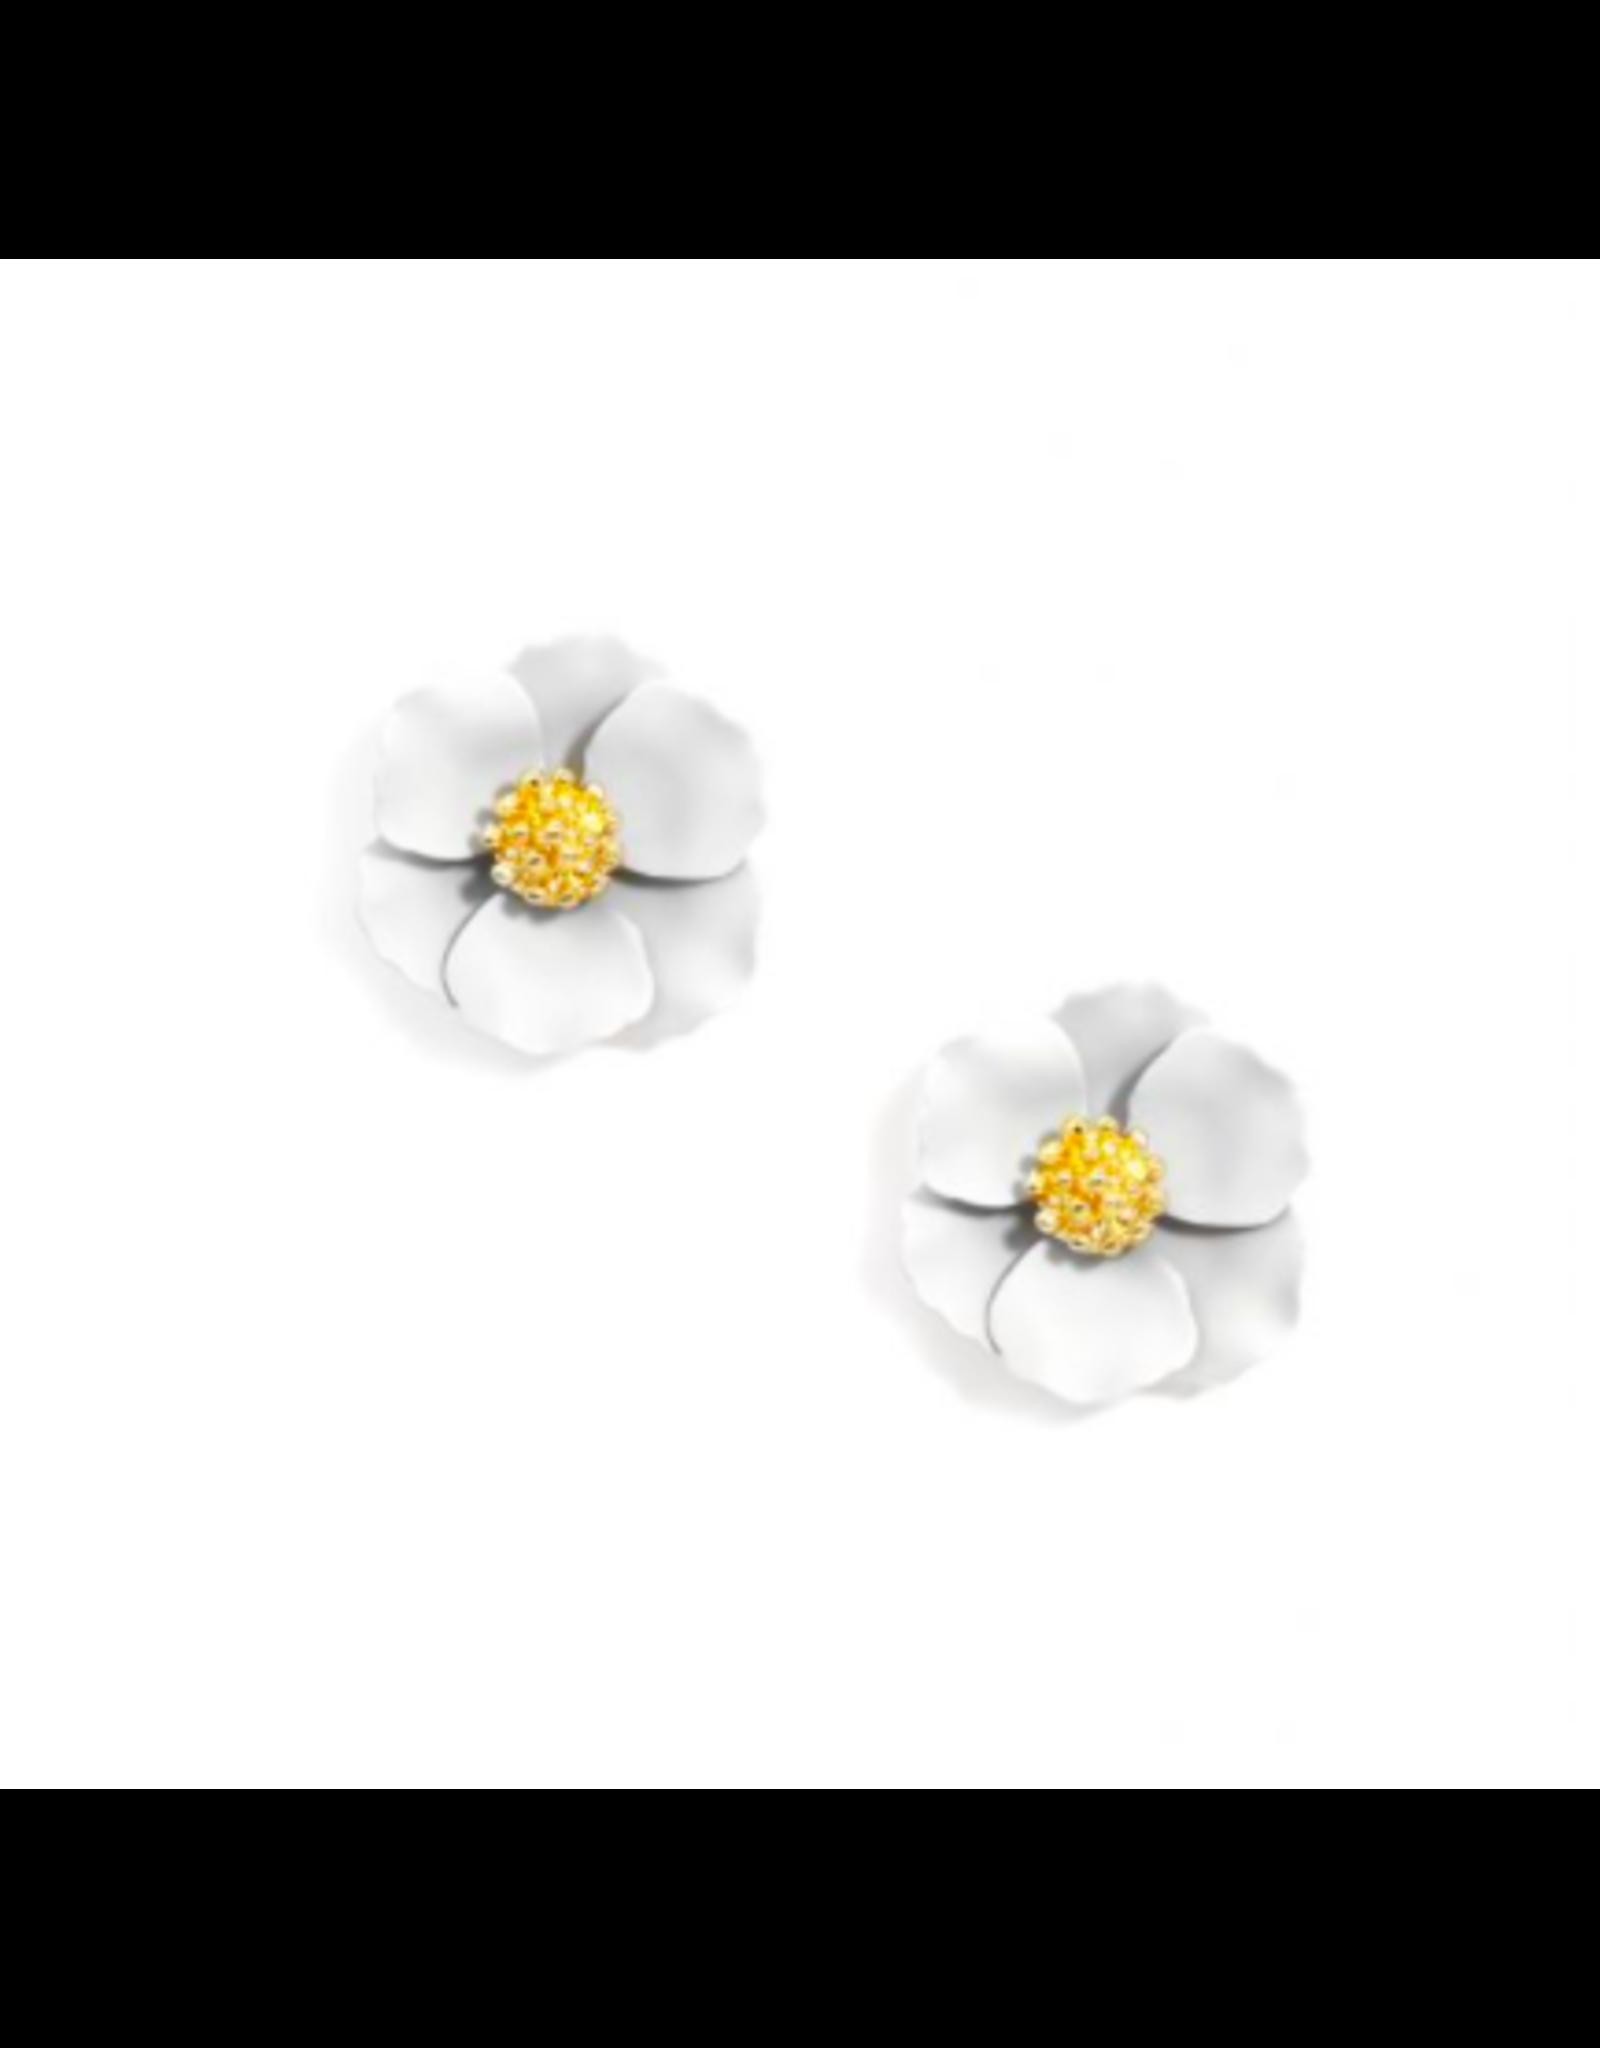 Zenzii Tiny Flower Earring in White